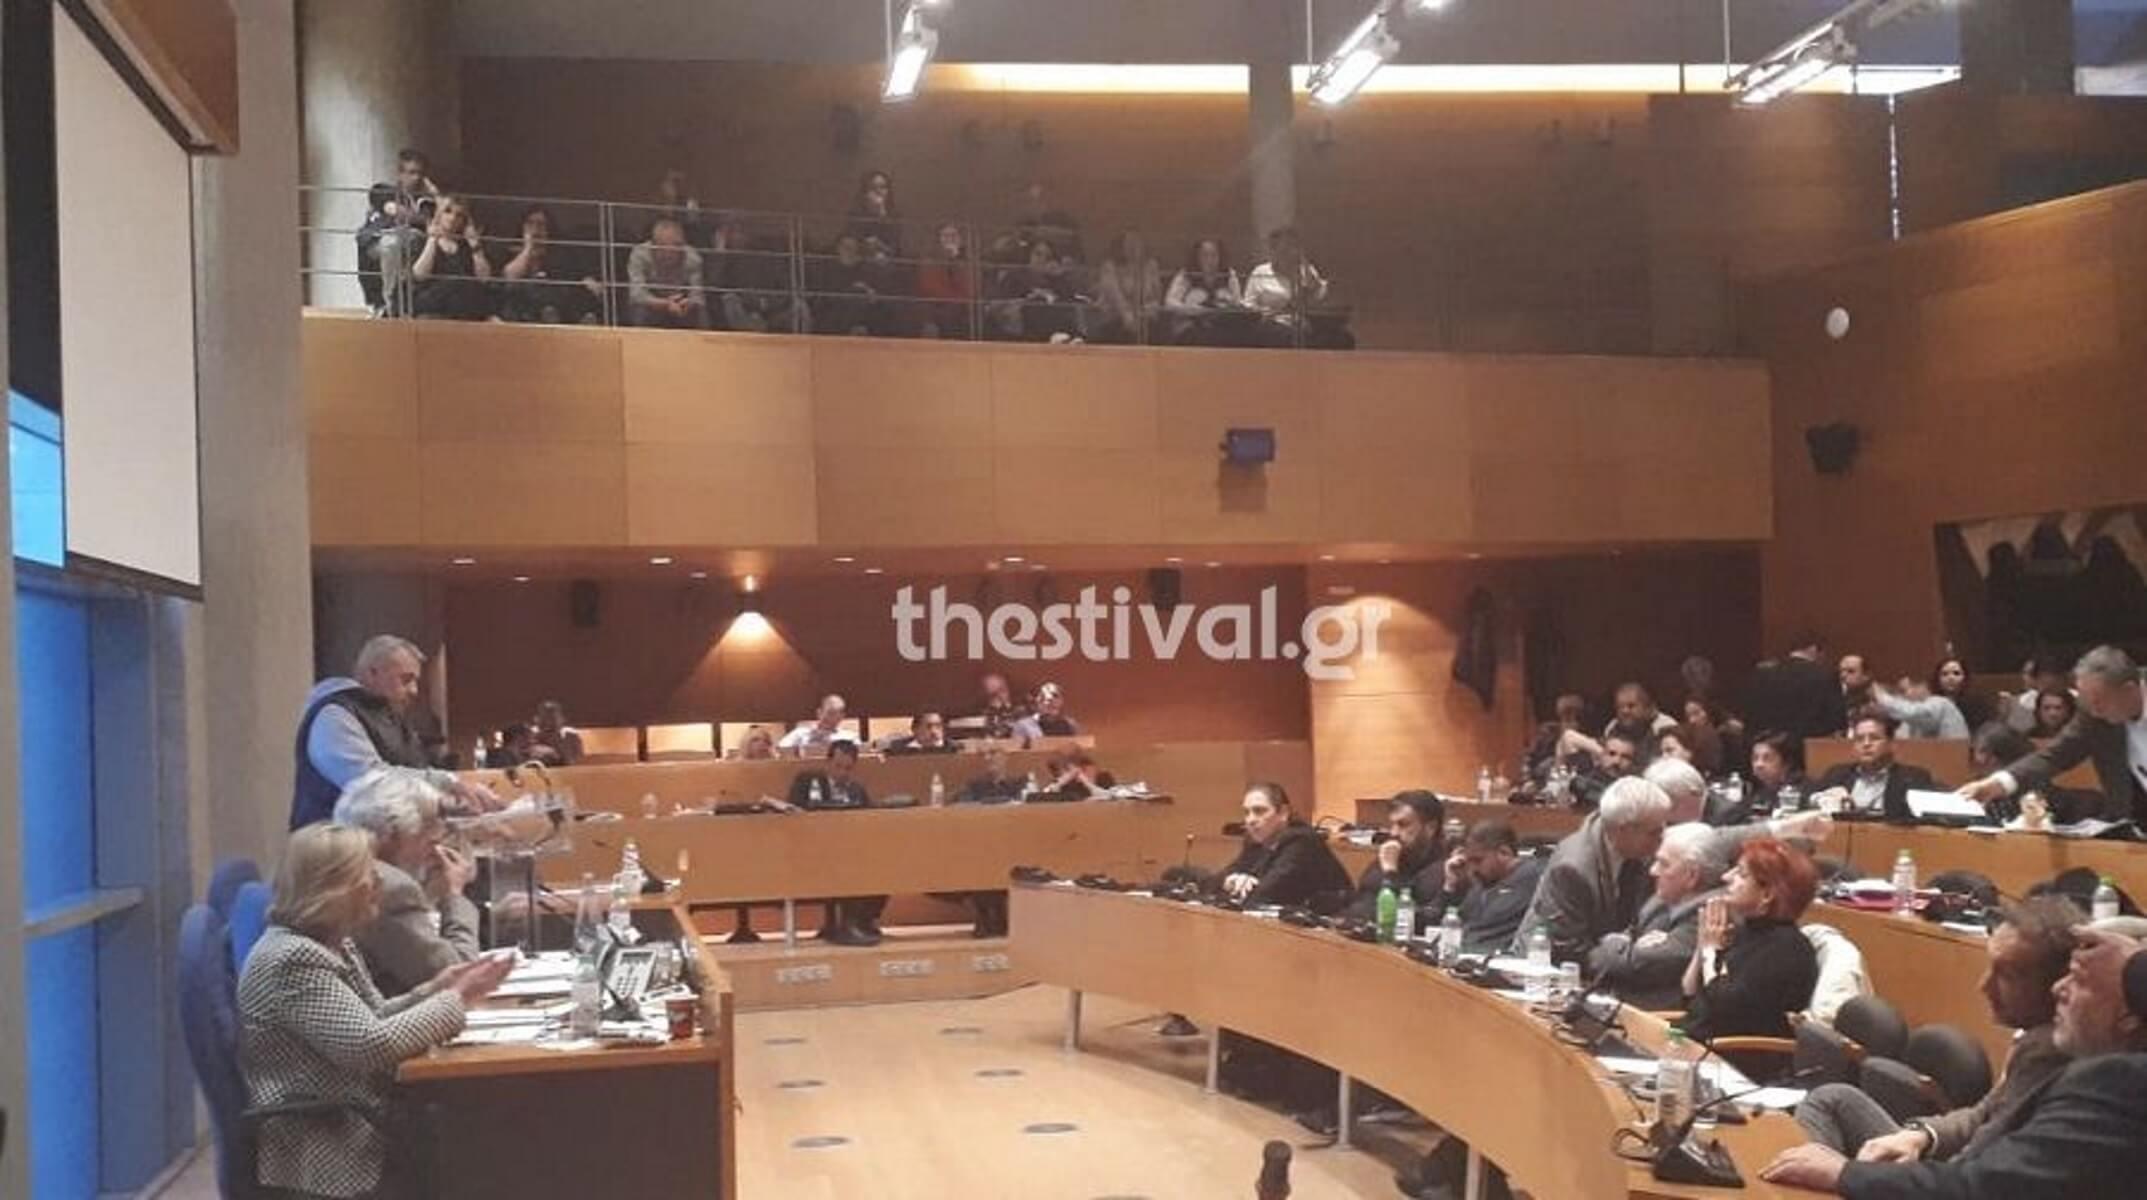 Θεσσαλονίκη: Συγκέντρωση απλήρωτων συμβασιούχων στο δημοτικό συμβούλιο